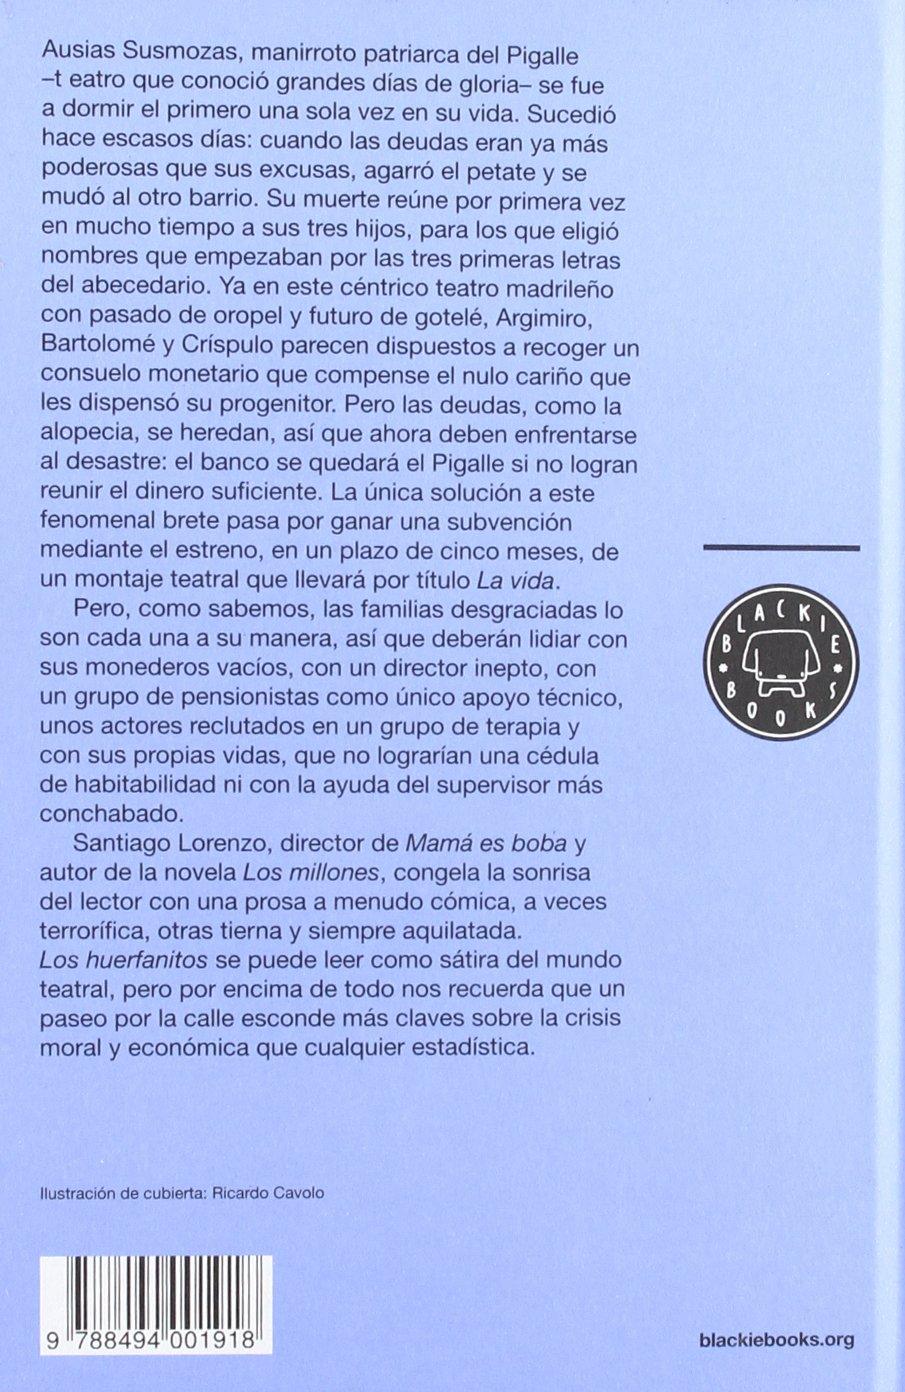 Los huerfanitos (Narrativa (blackie Books)): Amazon.es: Santiago ...